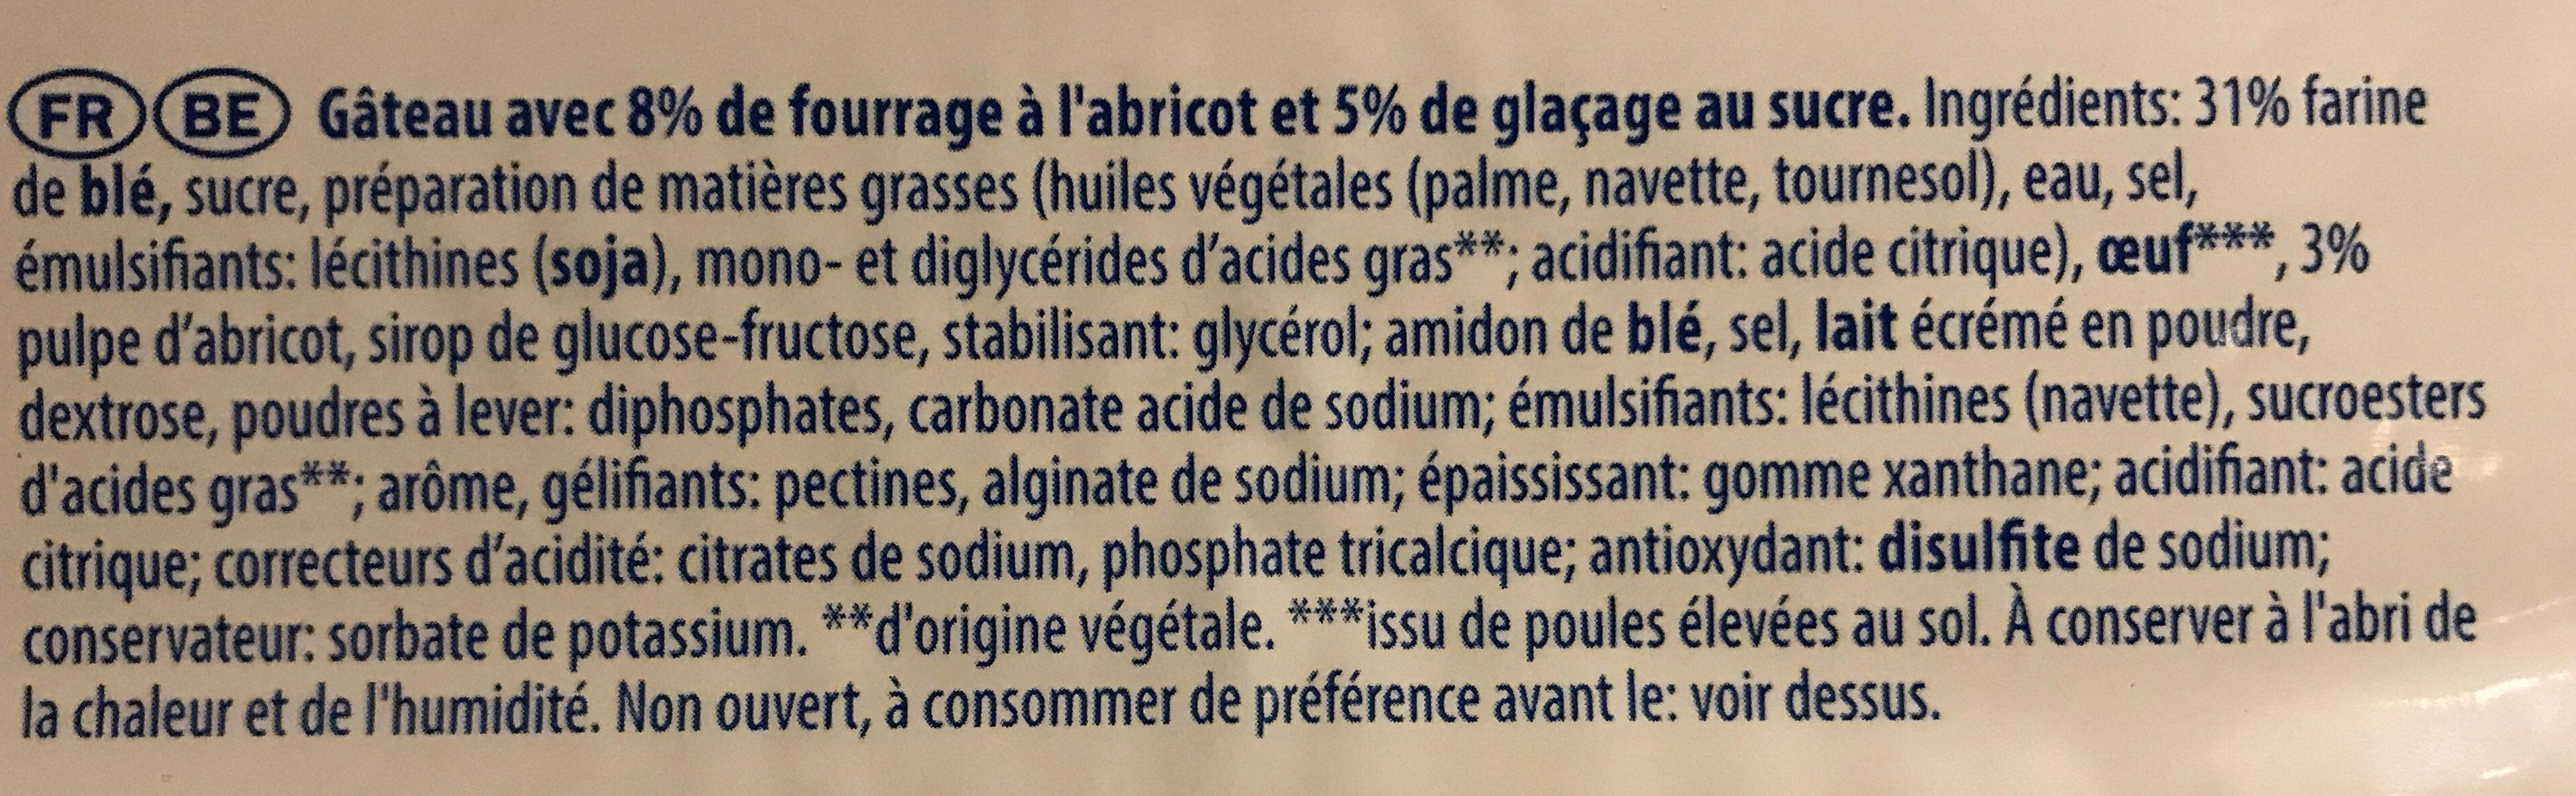 Frangipanes - Ingrediënten